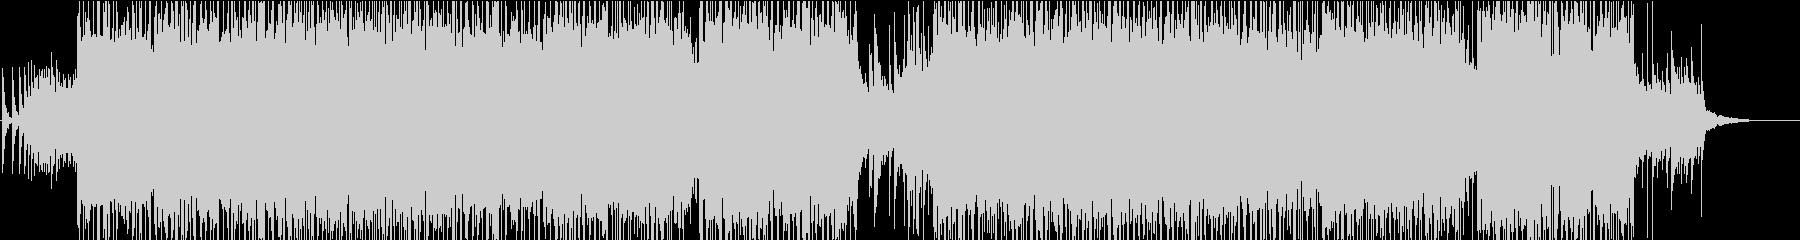 ハイスピード和楽器ロックサウンドの未再生の波形